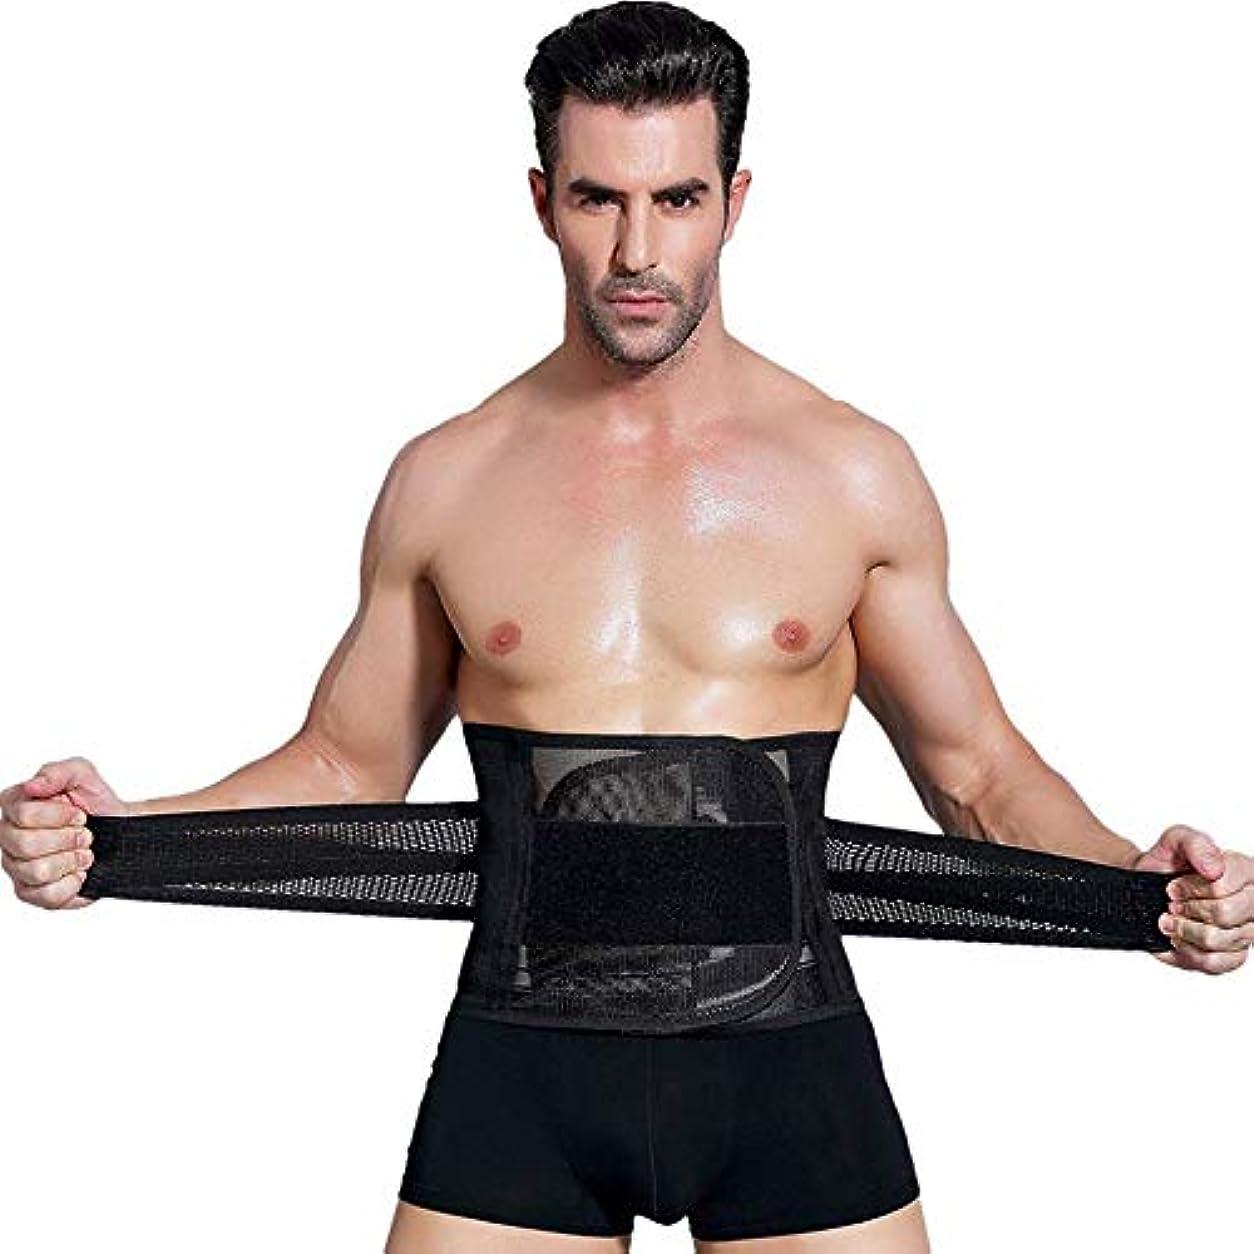 正確顧問幸福男性ボディシェイパーコルセット腹部おなかコントロールウエストトレーナーニッパー脂肪燃焼ガードル痩身腹ベルト用男性 - ブラックXXL